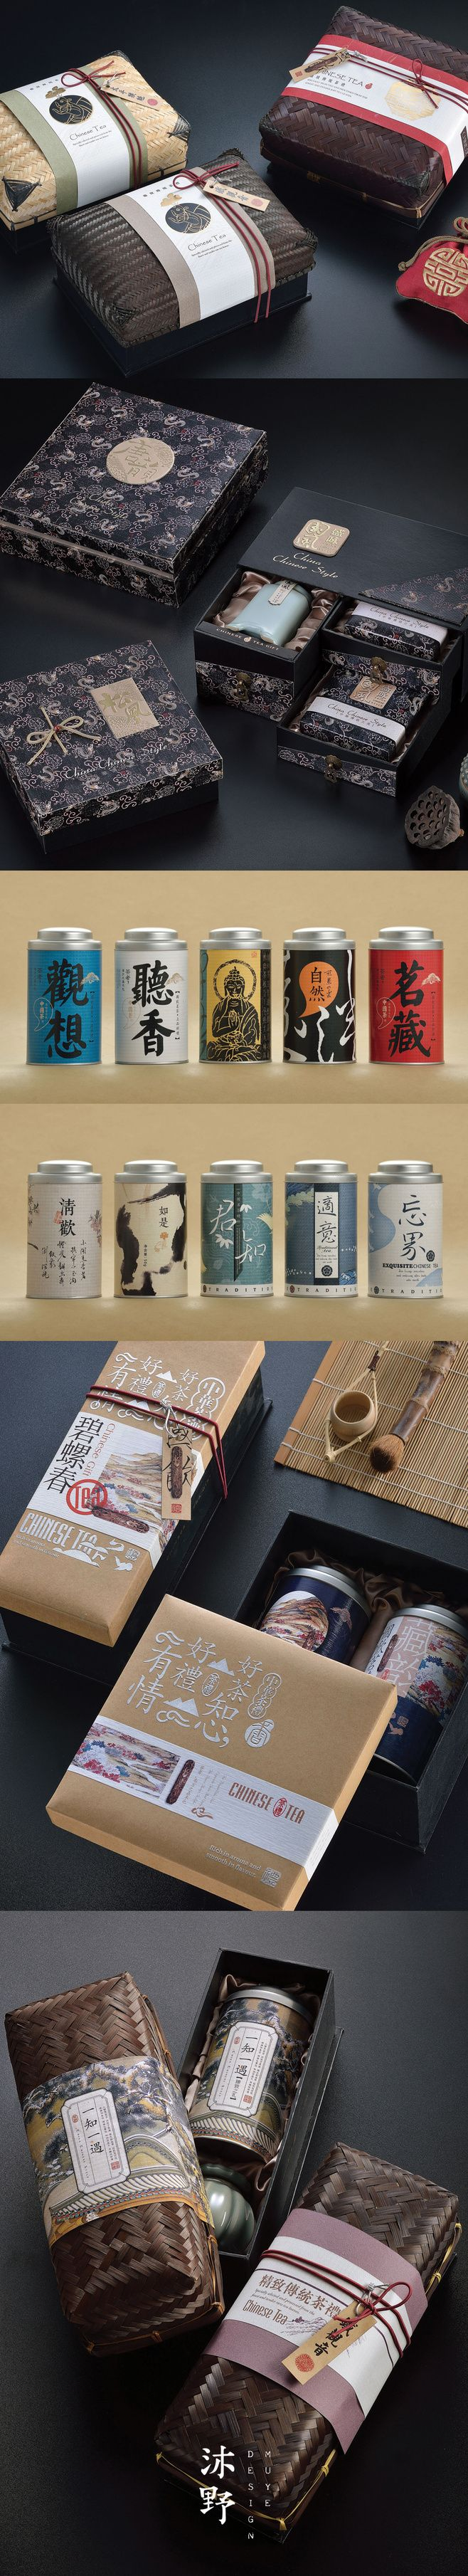 찐 디자인 - - [디자인] 중국의 새로운 포장의 매우 동양적인 매력 야채와 함께 기름으로 살짝 튀긴 후 오래 끓이다 마이크로 헤드 라인 (wtoutiao.com)